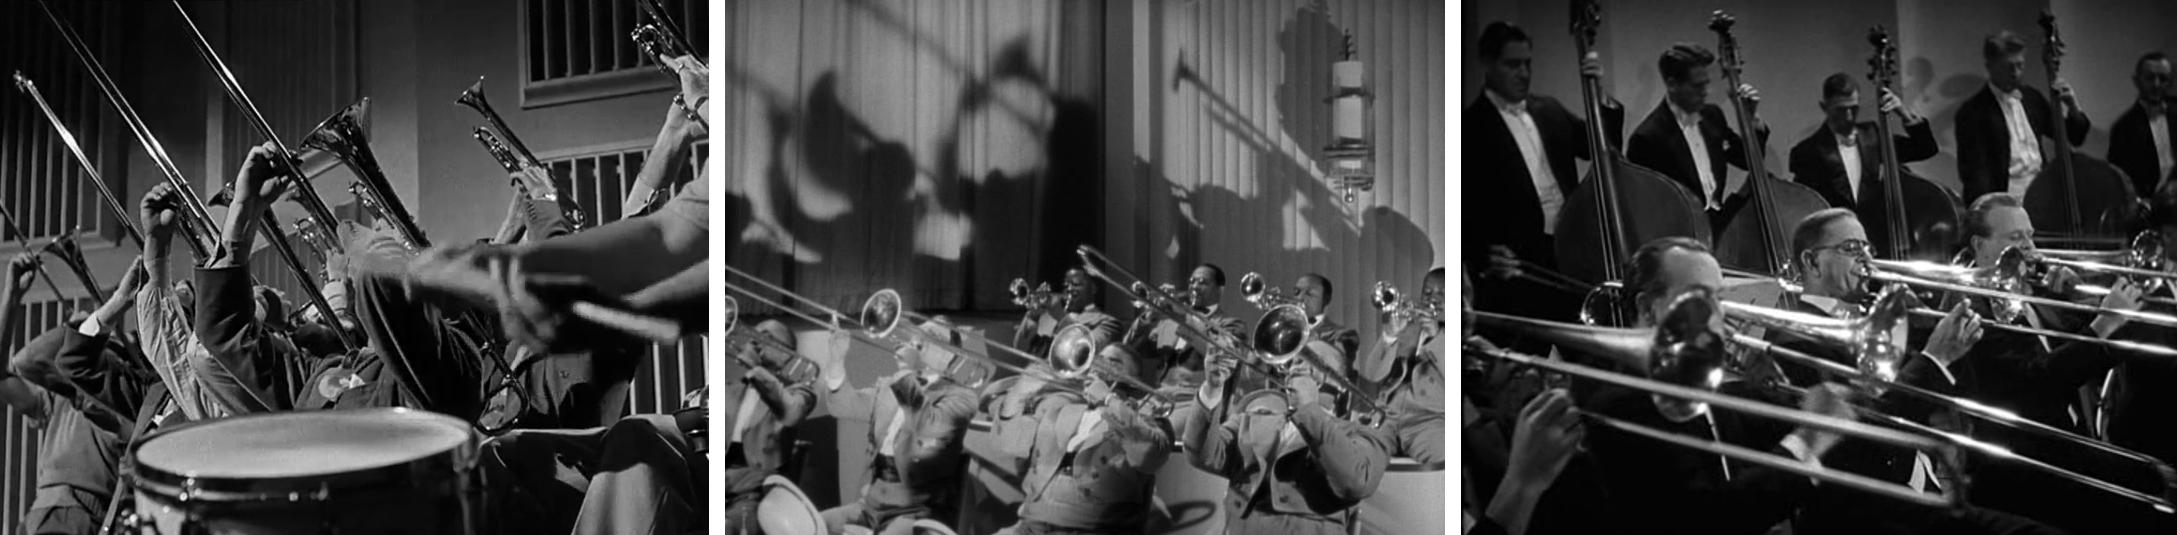 Figures 7a, 7b et 7c : Variations sur les lignes de trombones : a) l'orchestre de Glenn Miller dans « People Like You and Me» (Archie Mayo, <em>Orchestra Wives</em>, 1942) ; b) l'orchestre de Cab Calloway dans «Jumpin' Jive» (Andrew L. Stone, <em>Stormy Weather</em>, 1943) ; c) l'orchestre philharmonique de Philadelphie dirigé par Leopold Stokowski (Henry Koster, <em>One Hundred Men and a Girl</em>, 1937).